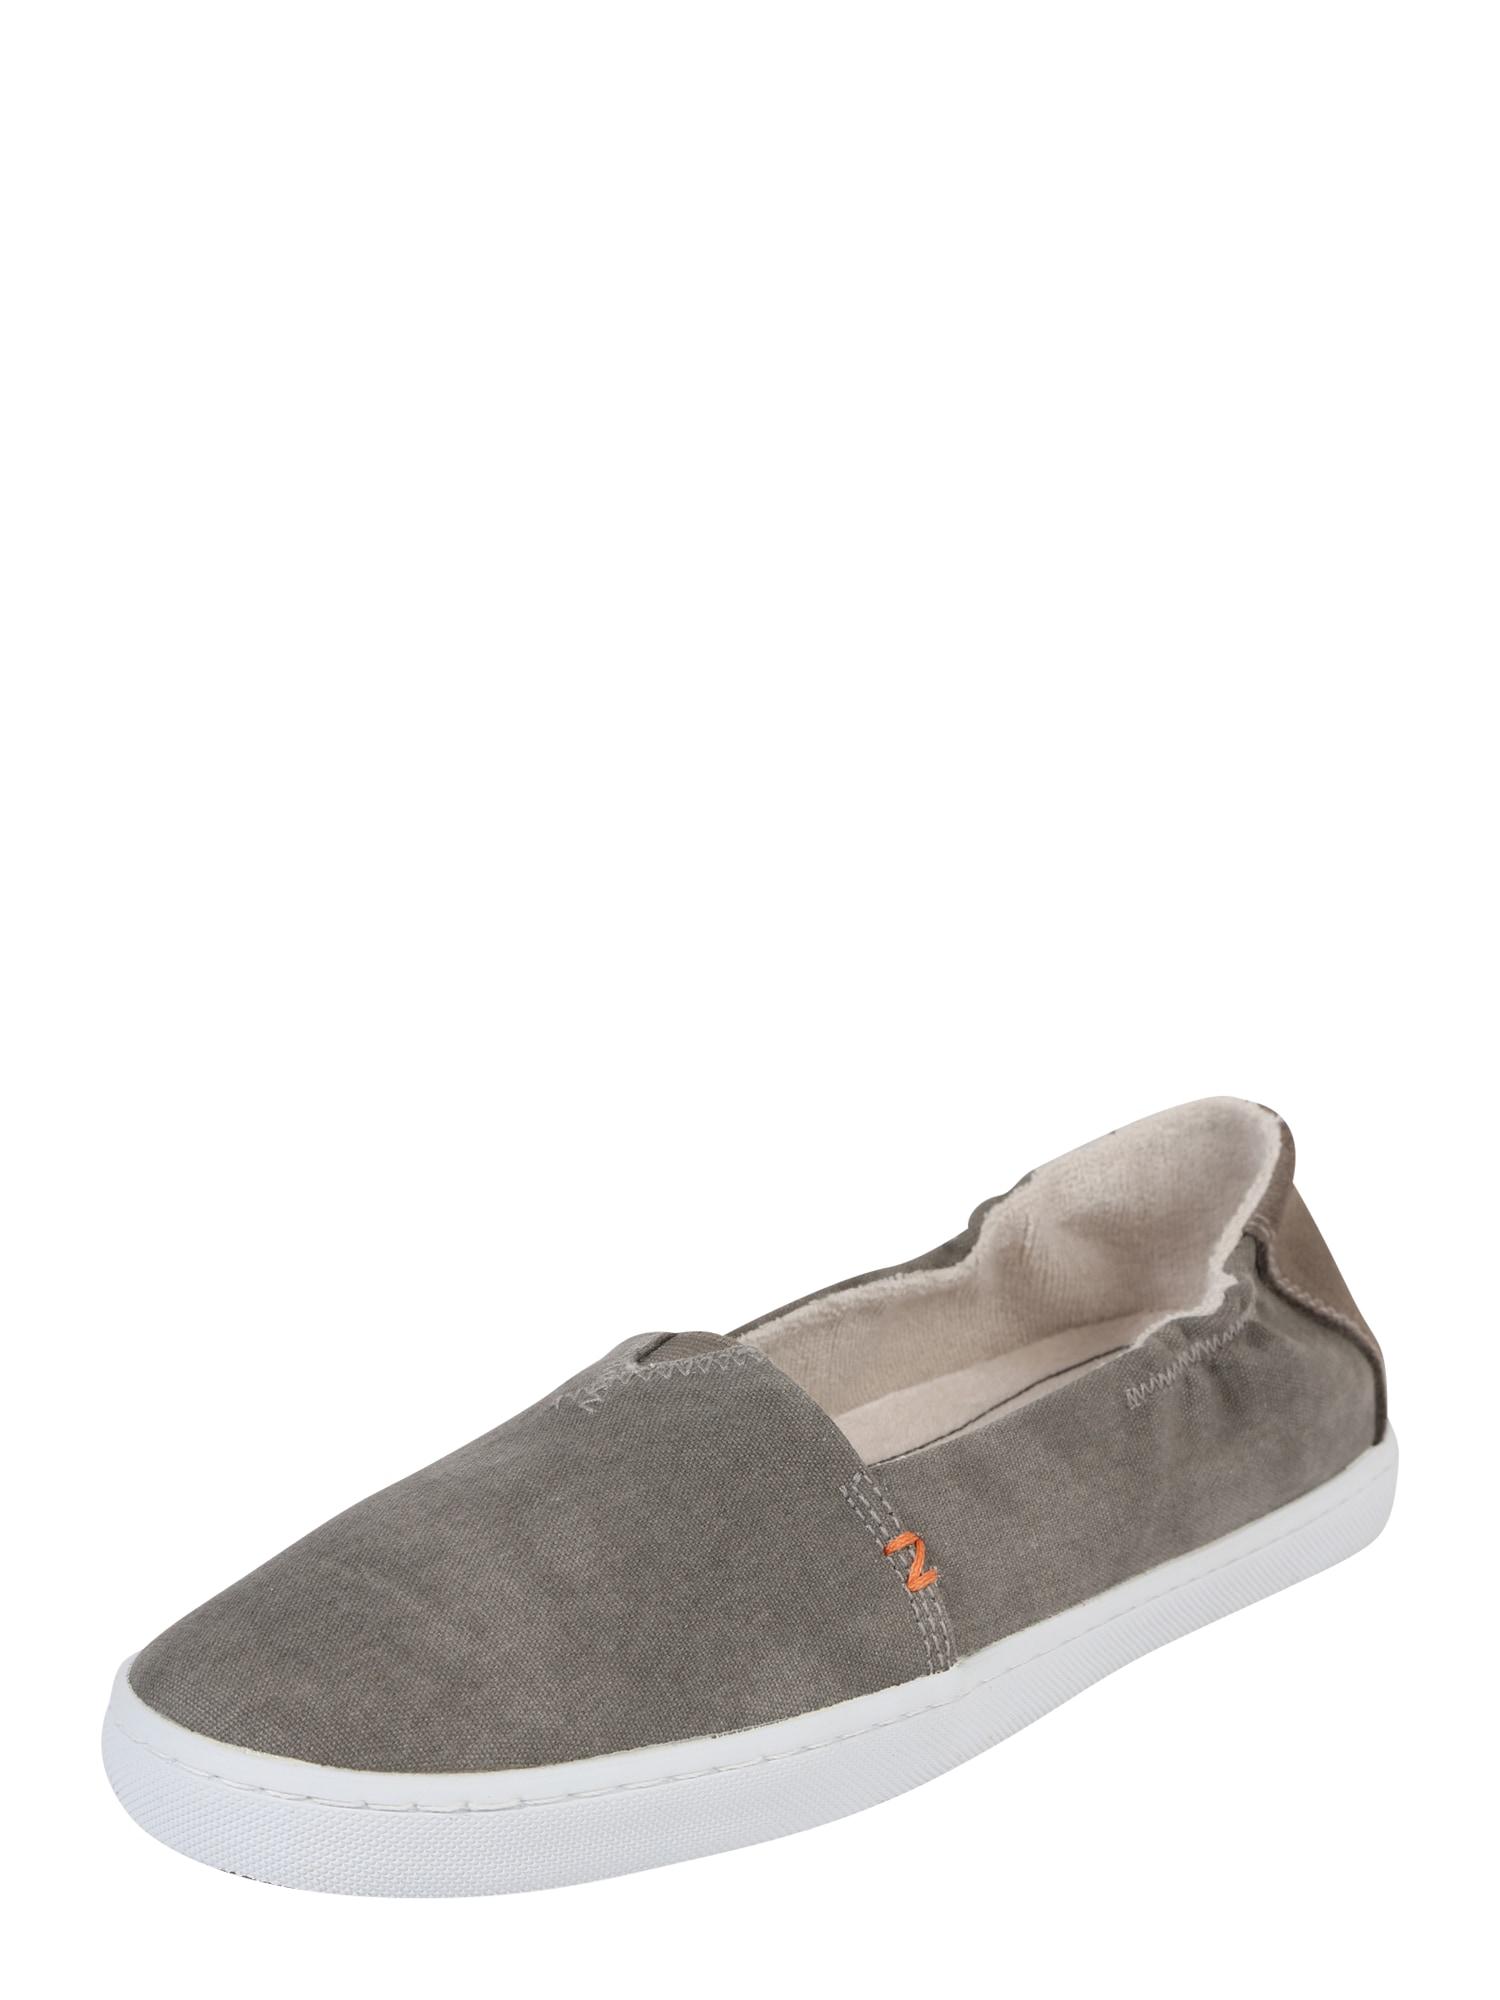 Slip on boty Fuji šedá HUB